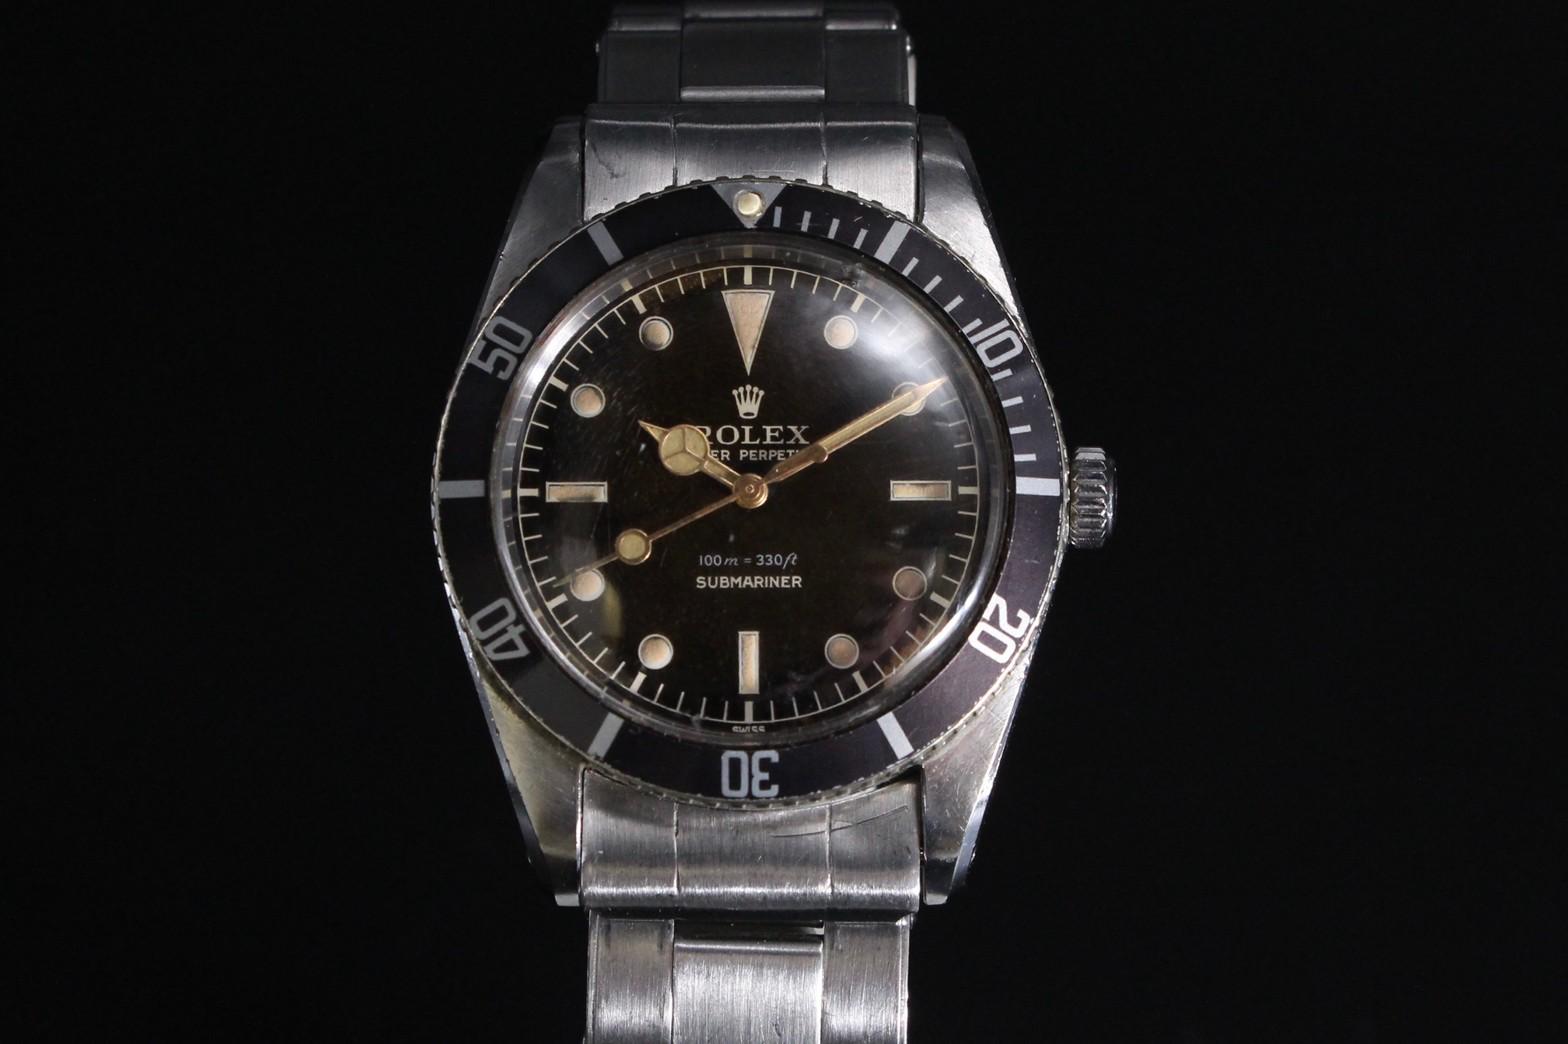 ロレックス Ref.5508 サブマリーナ 3rdモデル